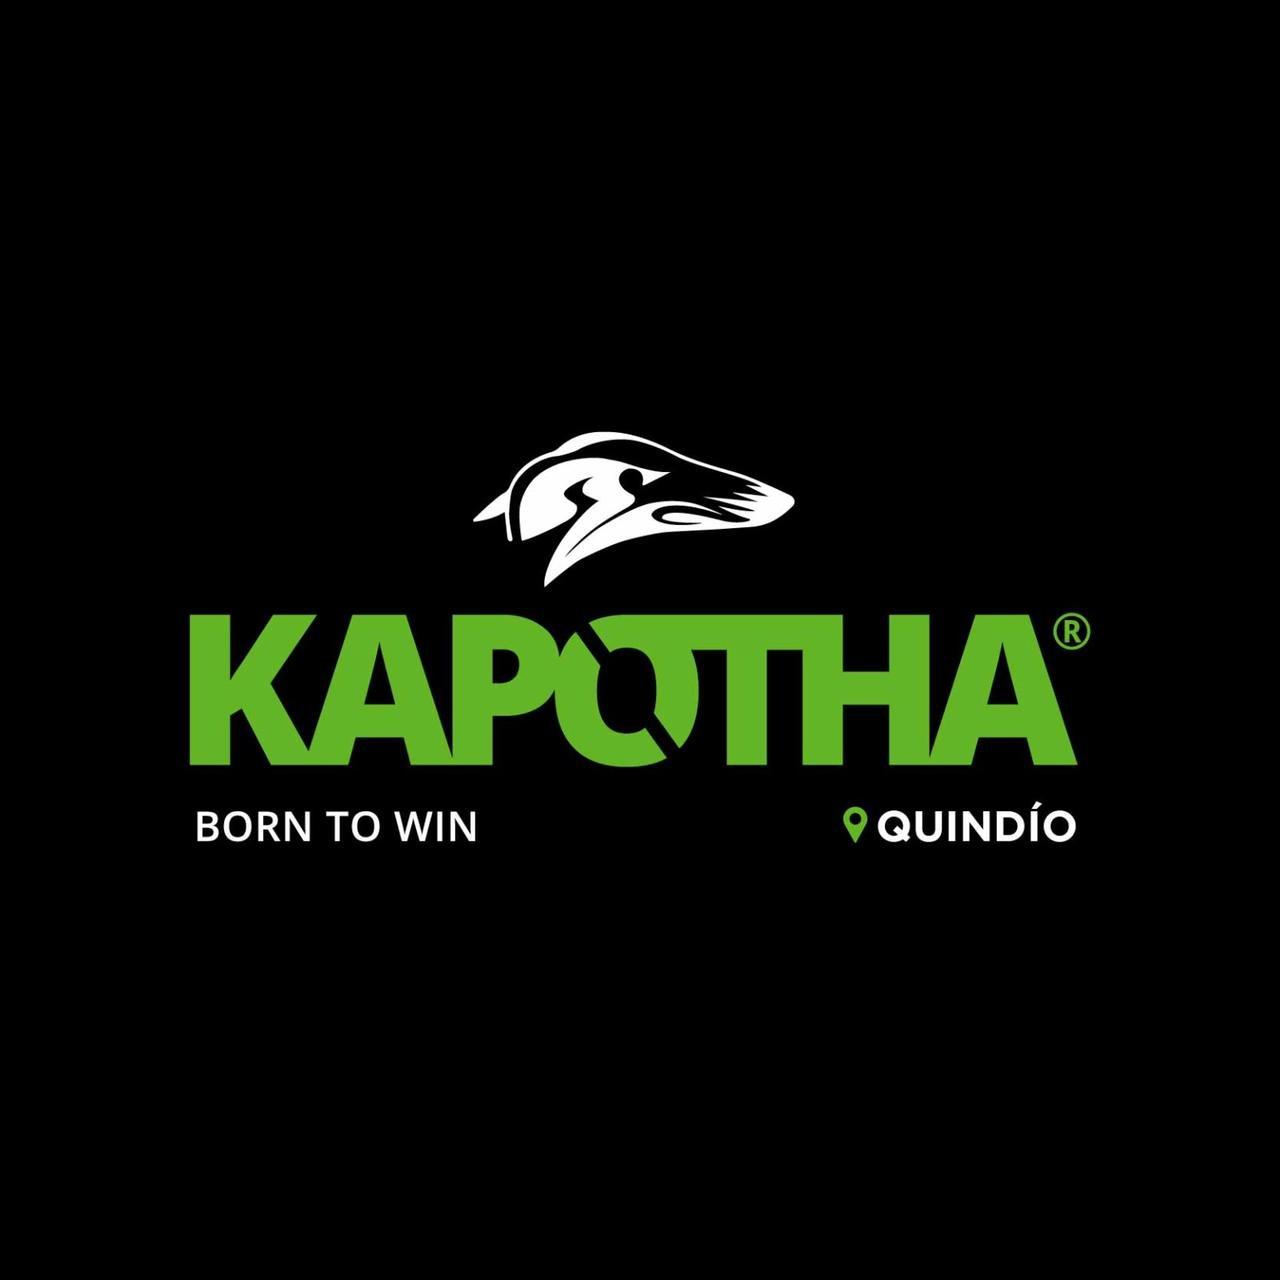 Logo vendedor destacado: KAPOTHA QUINDIO<